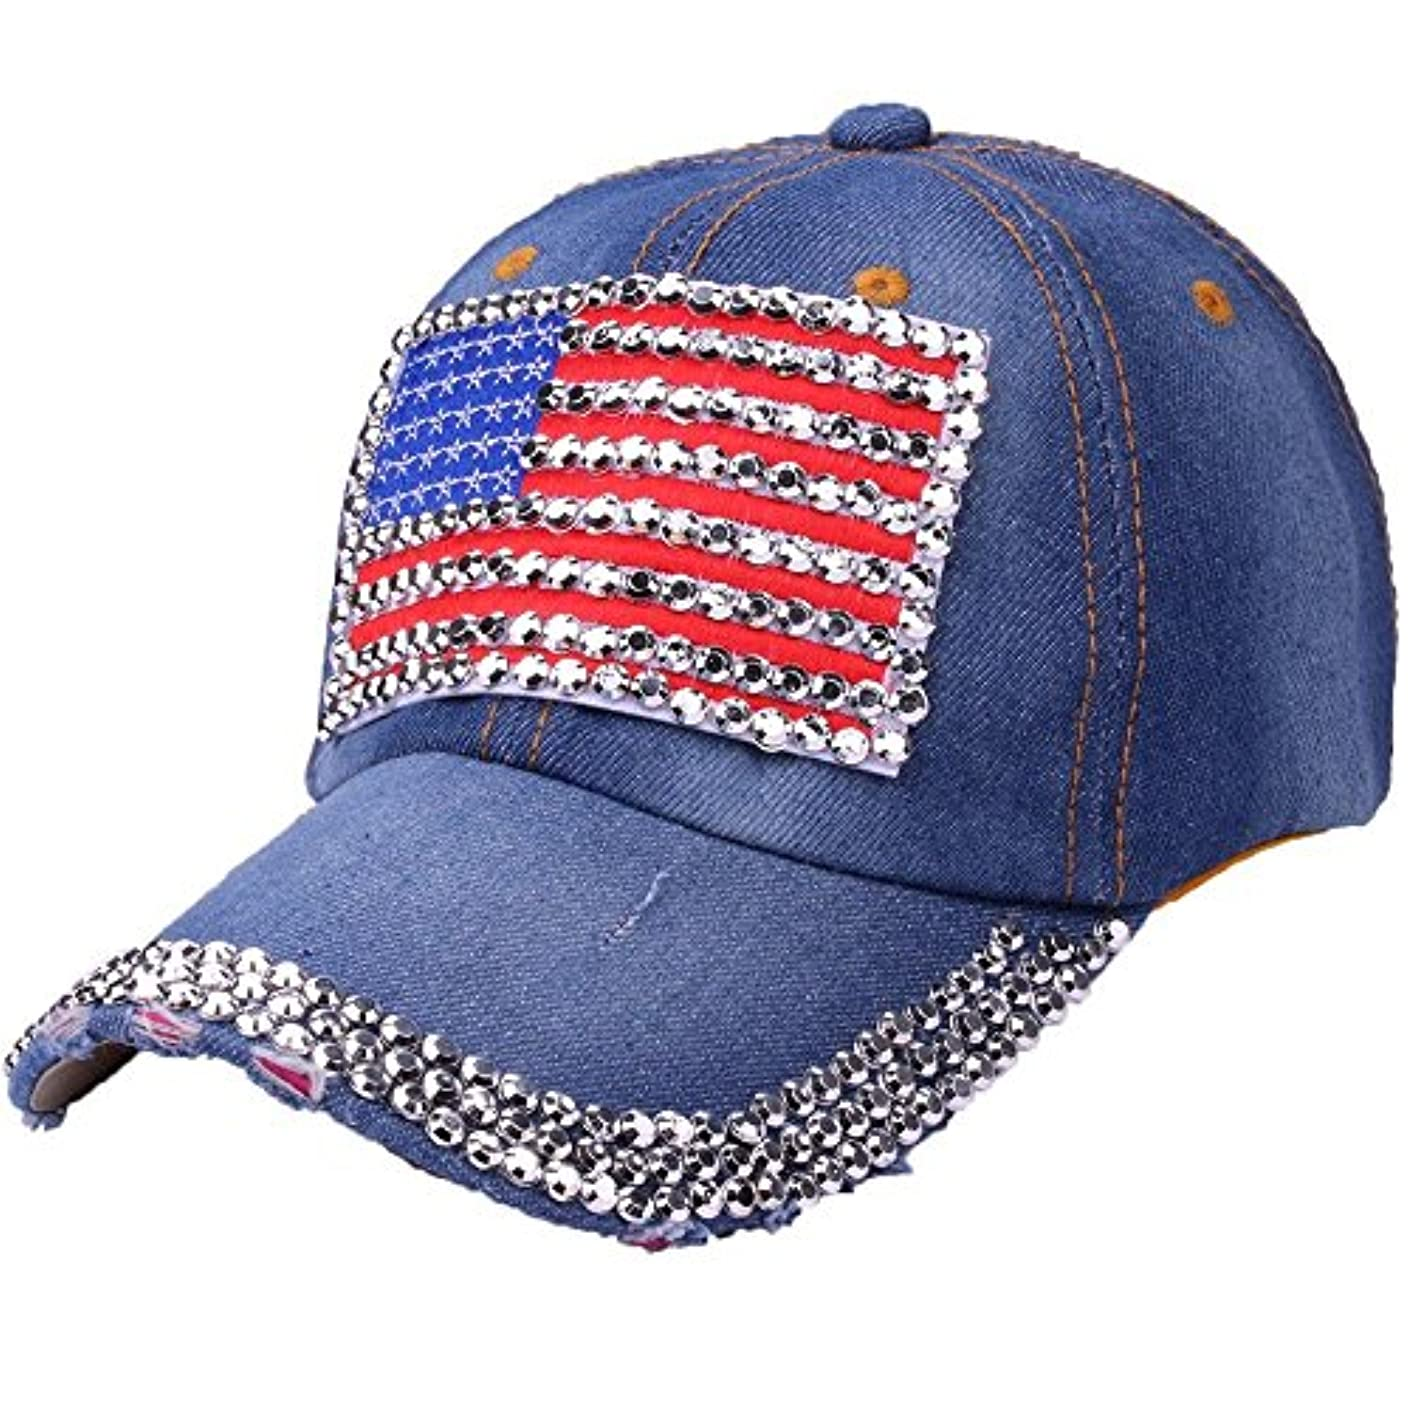 高度なうまれた考えるRacazing Cap カウボーイ 野球帽 ヒップホップ 通気性のある ラインストーン 帽子 夏 登山 アメリカの旗 可調整可能 棒球帽 男女兼用 UV 帽子 軽量 屋外 ジーンズ Unisex Cap (C)